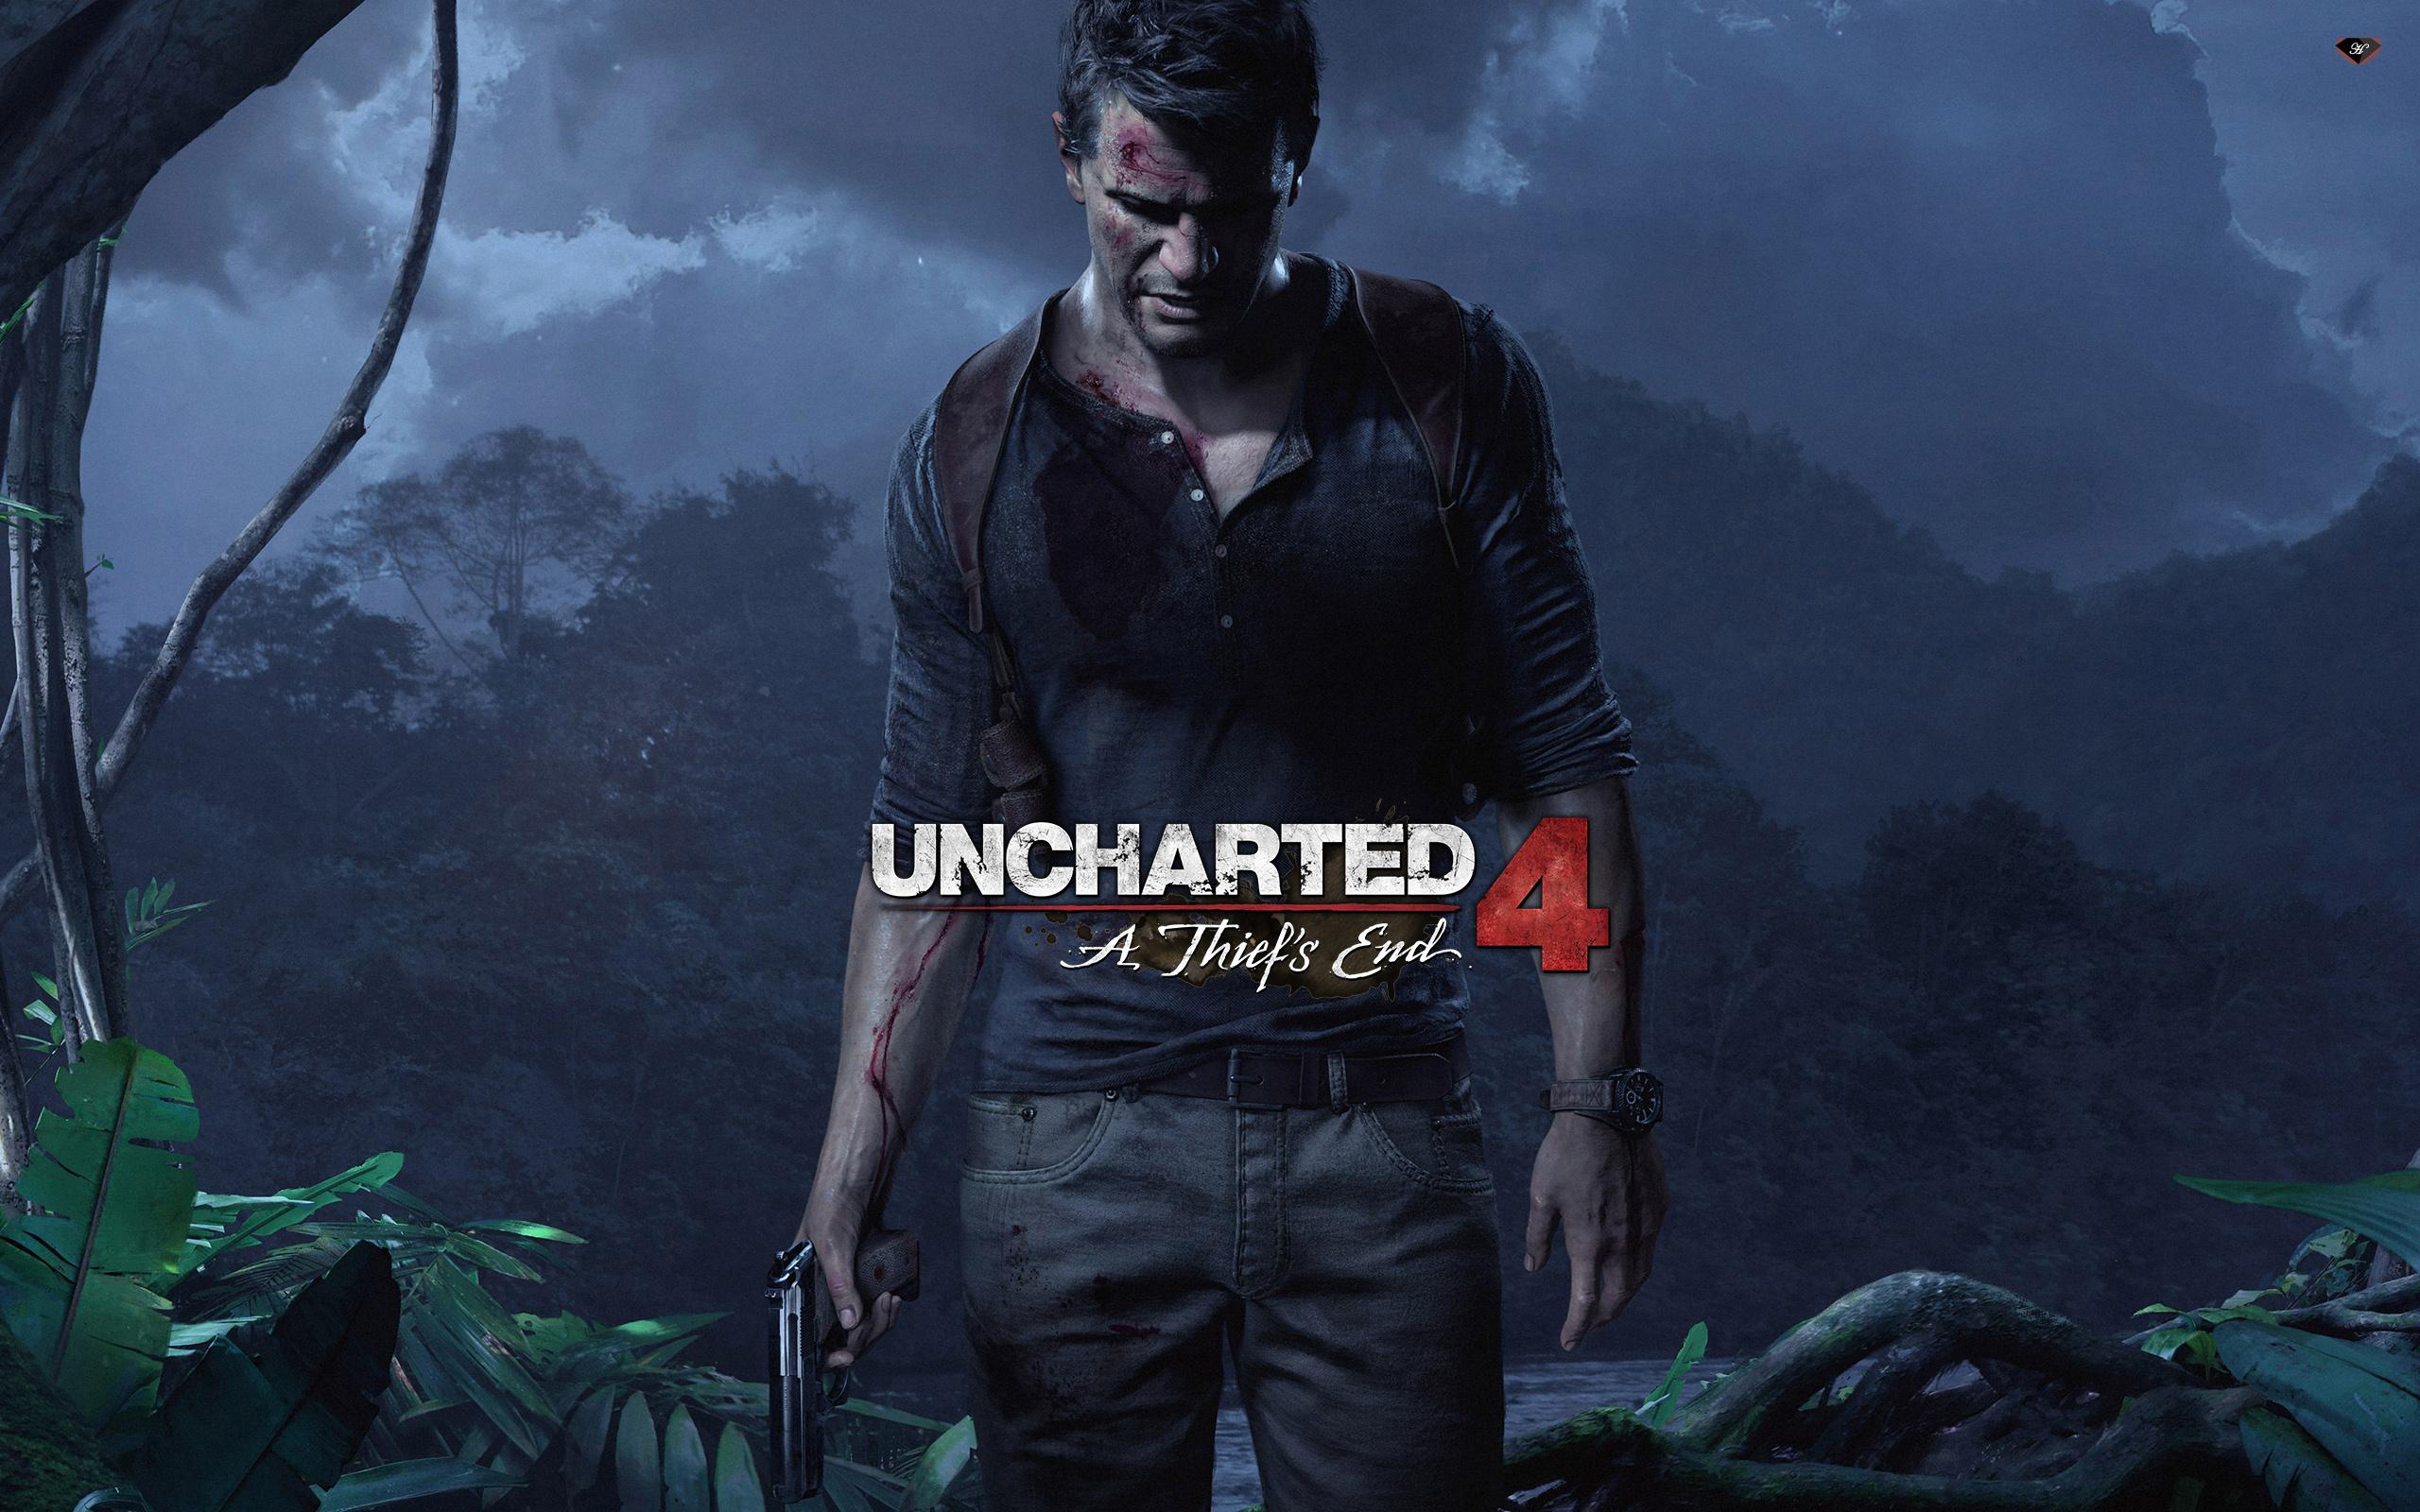 fond d'ecran uncharted 4